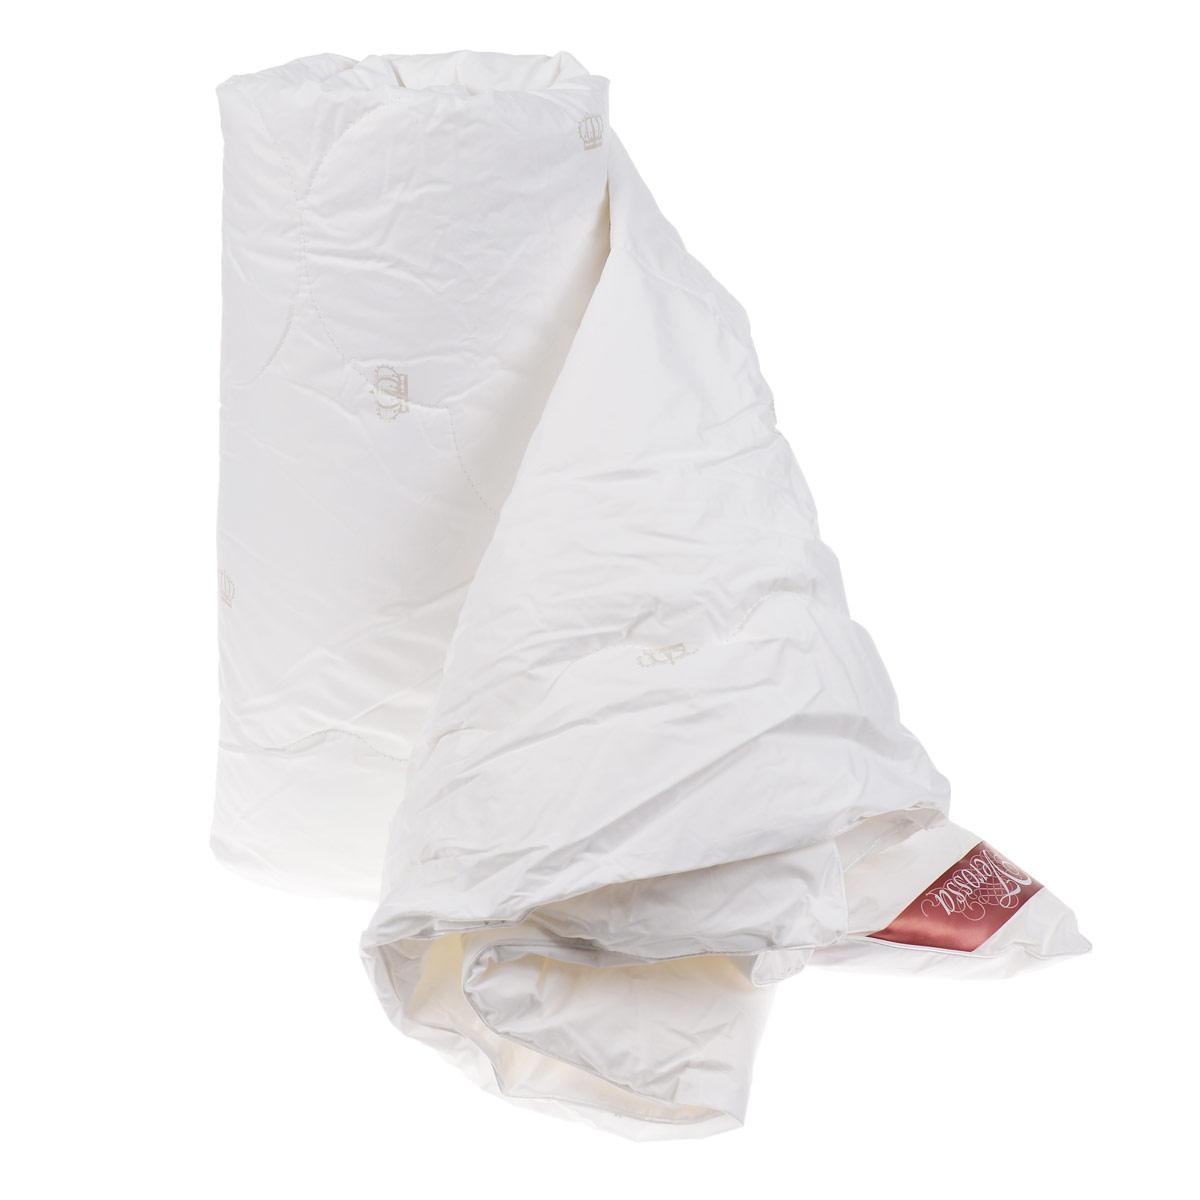 Одеяло Verossa, наполнитель: лебяжий пух, цвет: белый, 172 х 205 см одеяло verossa лёгкое 200х220см иск пух